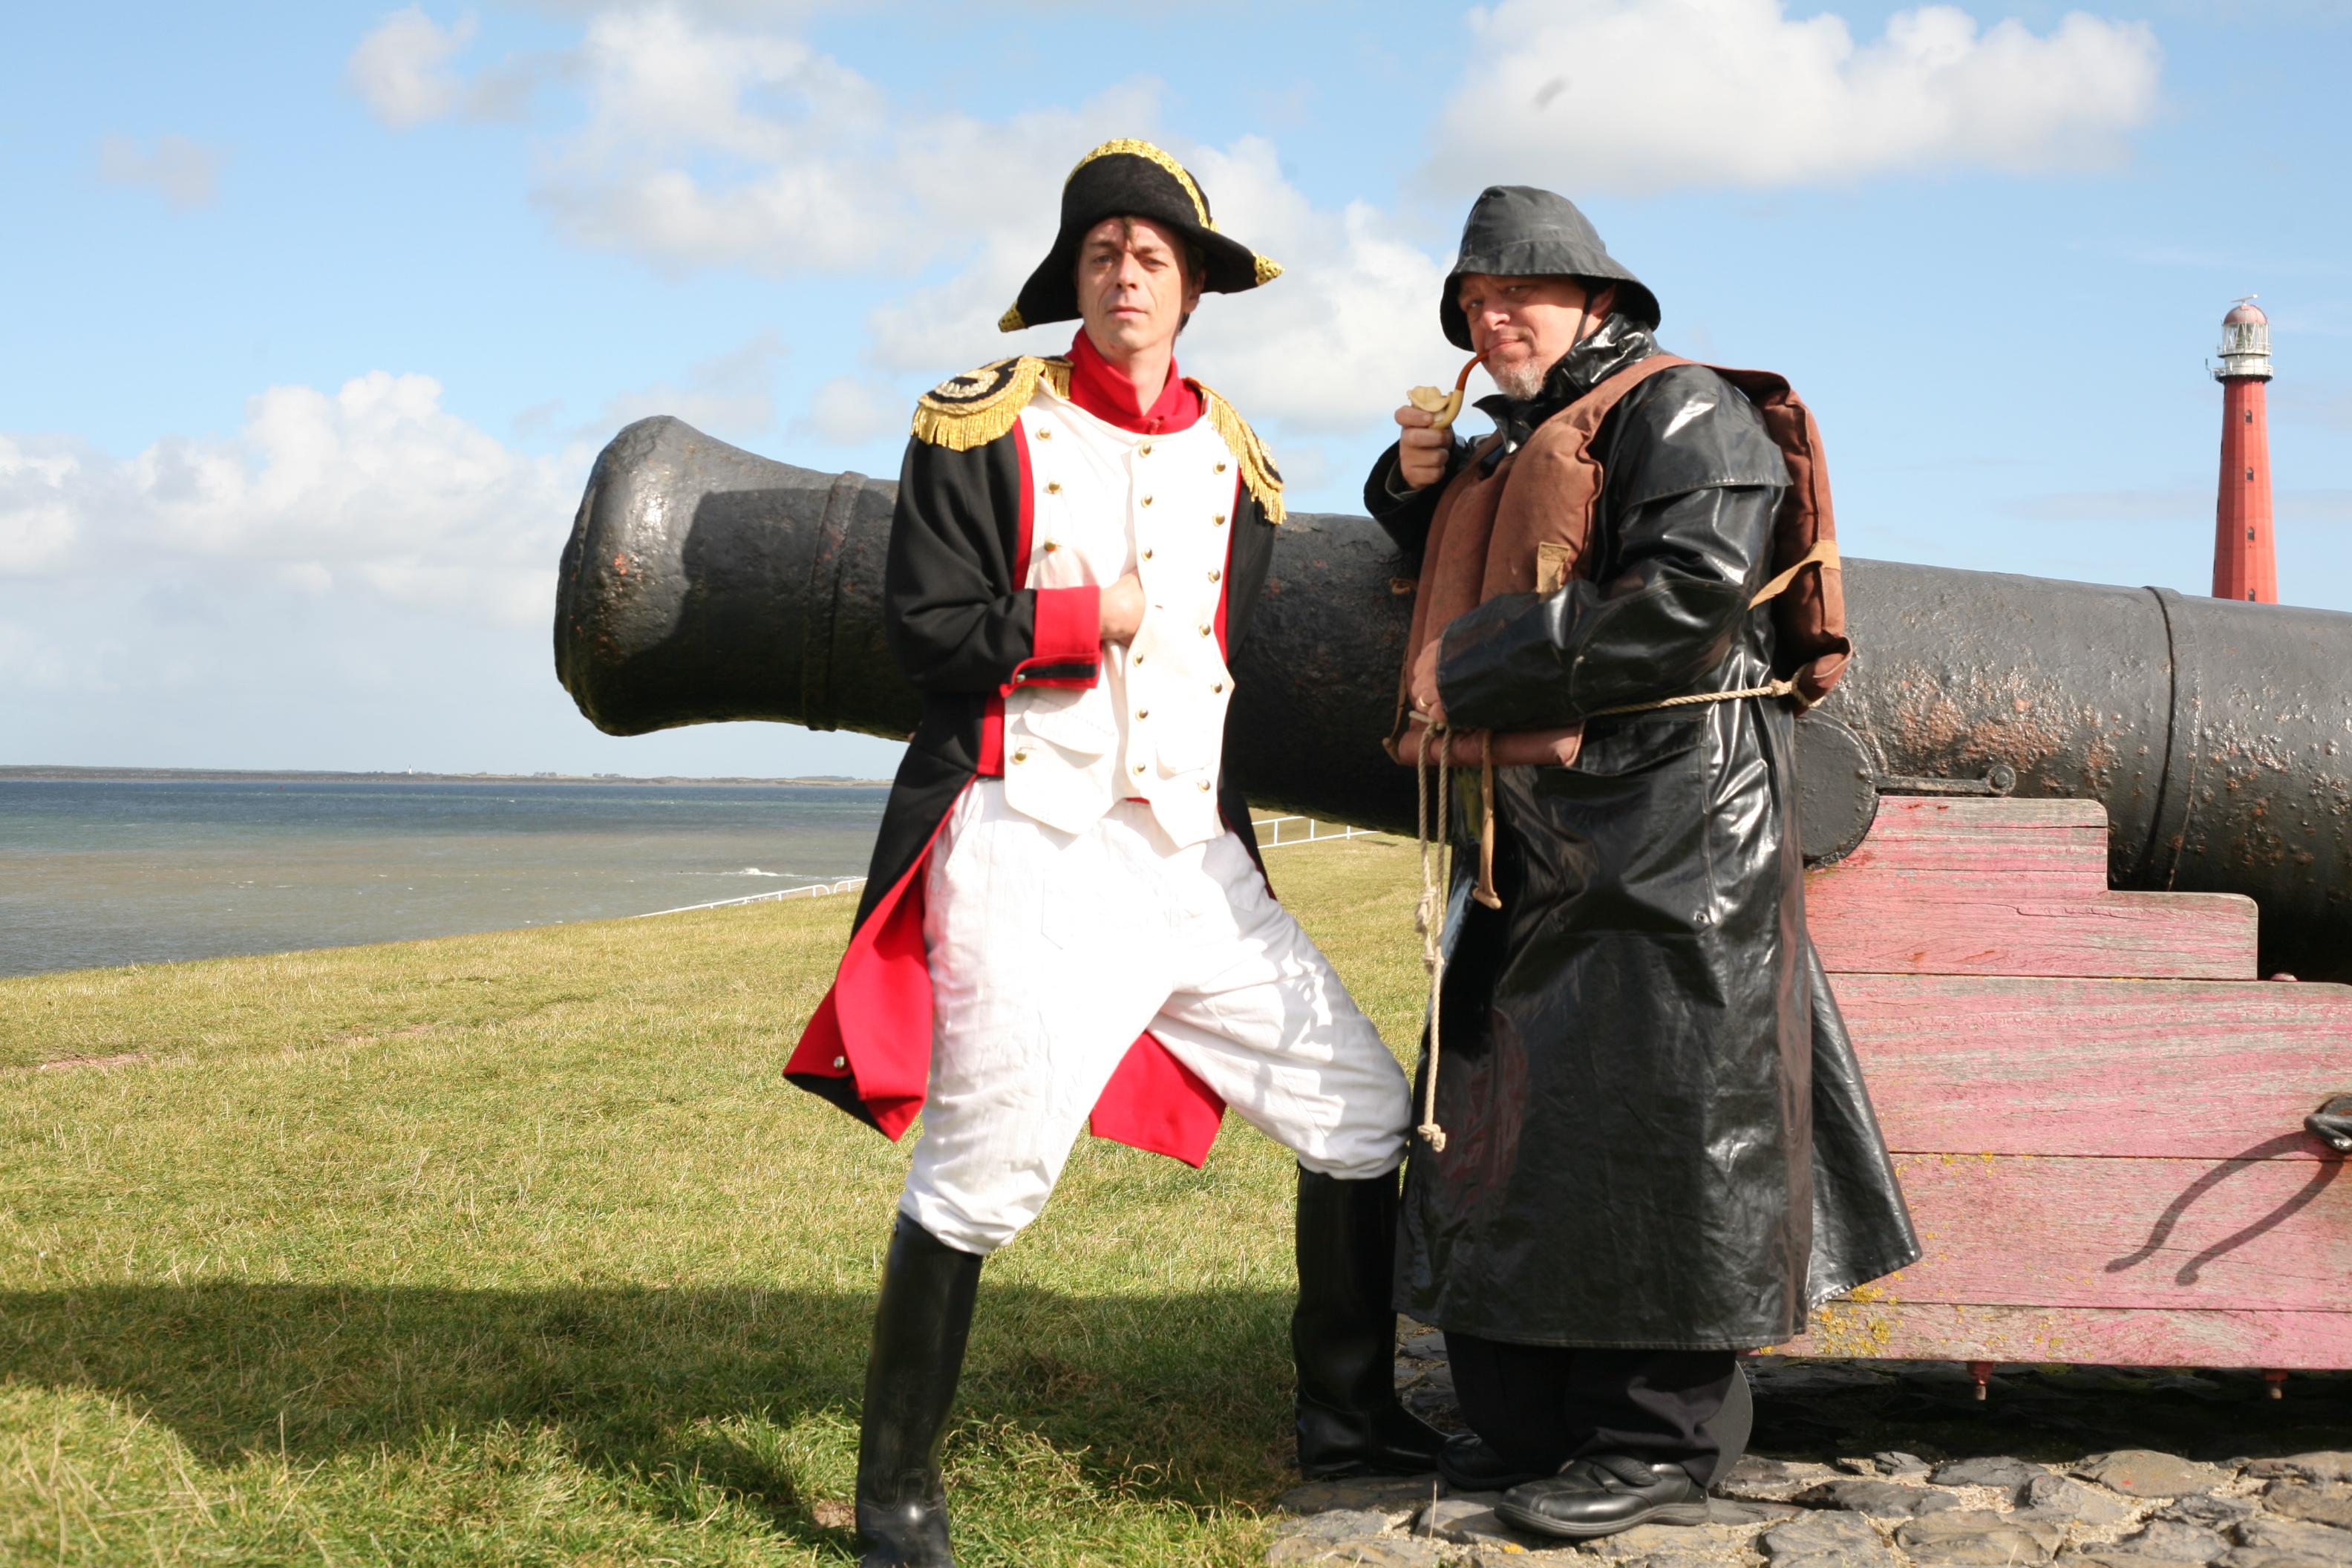 Napoleon en Dorus Rijkers hebben een belangrijke rol in de geschiedenis van Den Helder gespeeld. (Foto: aangeleverd)